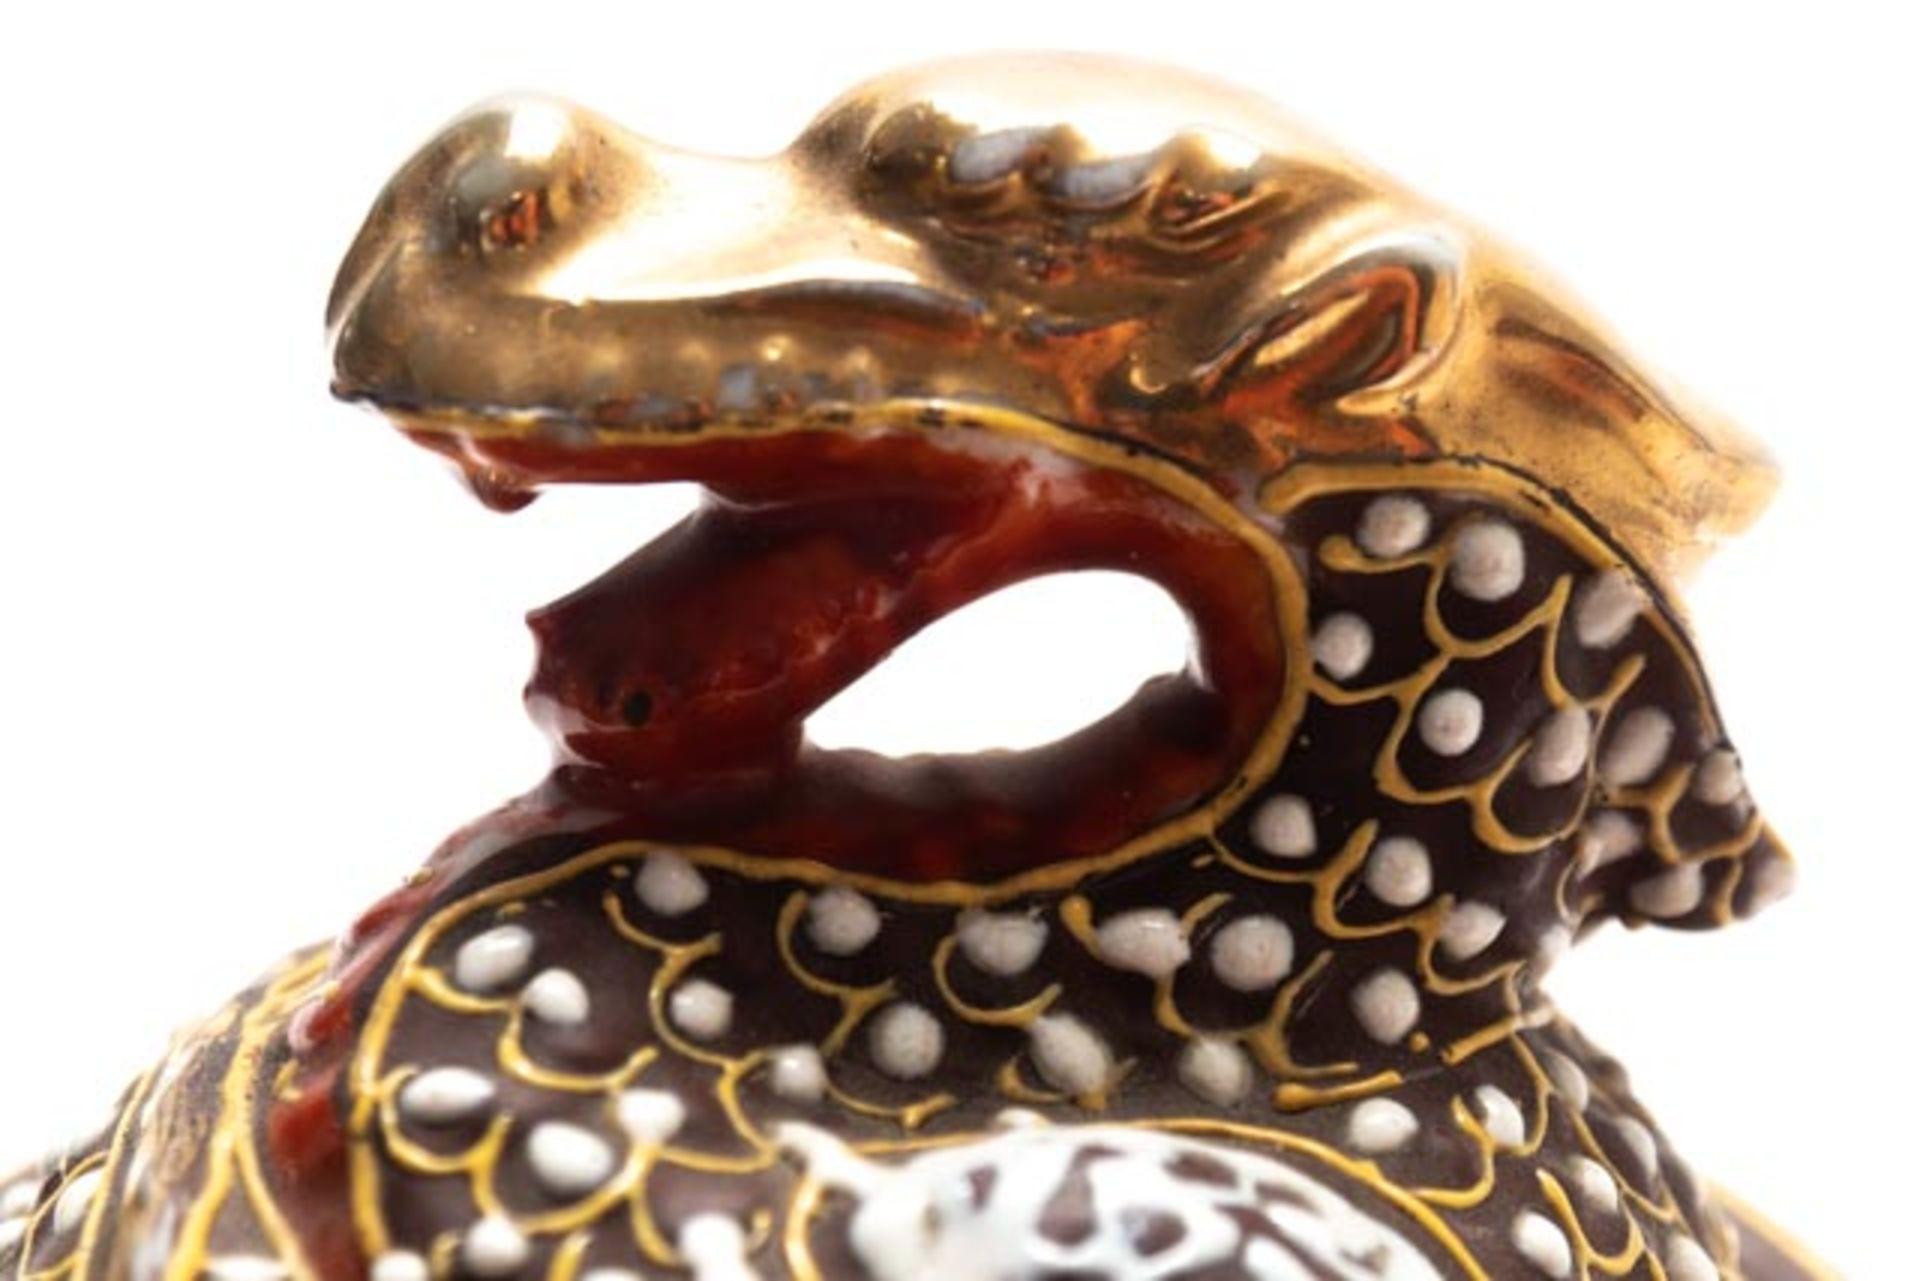 Prunkvolle asiatische Deckeldose - Image 14 of 14